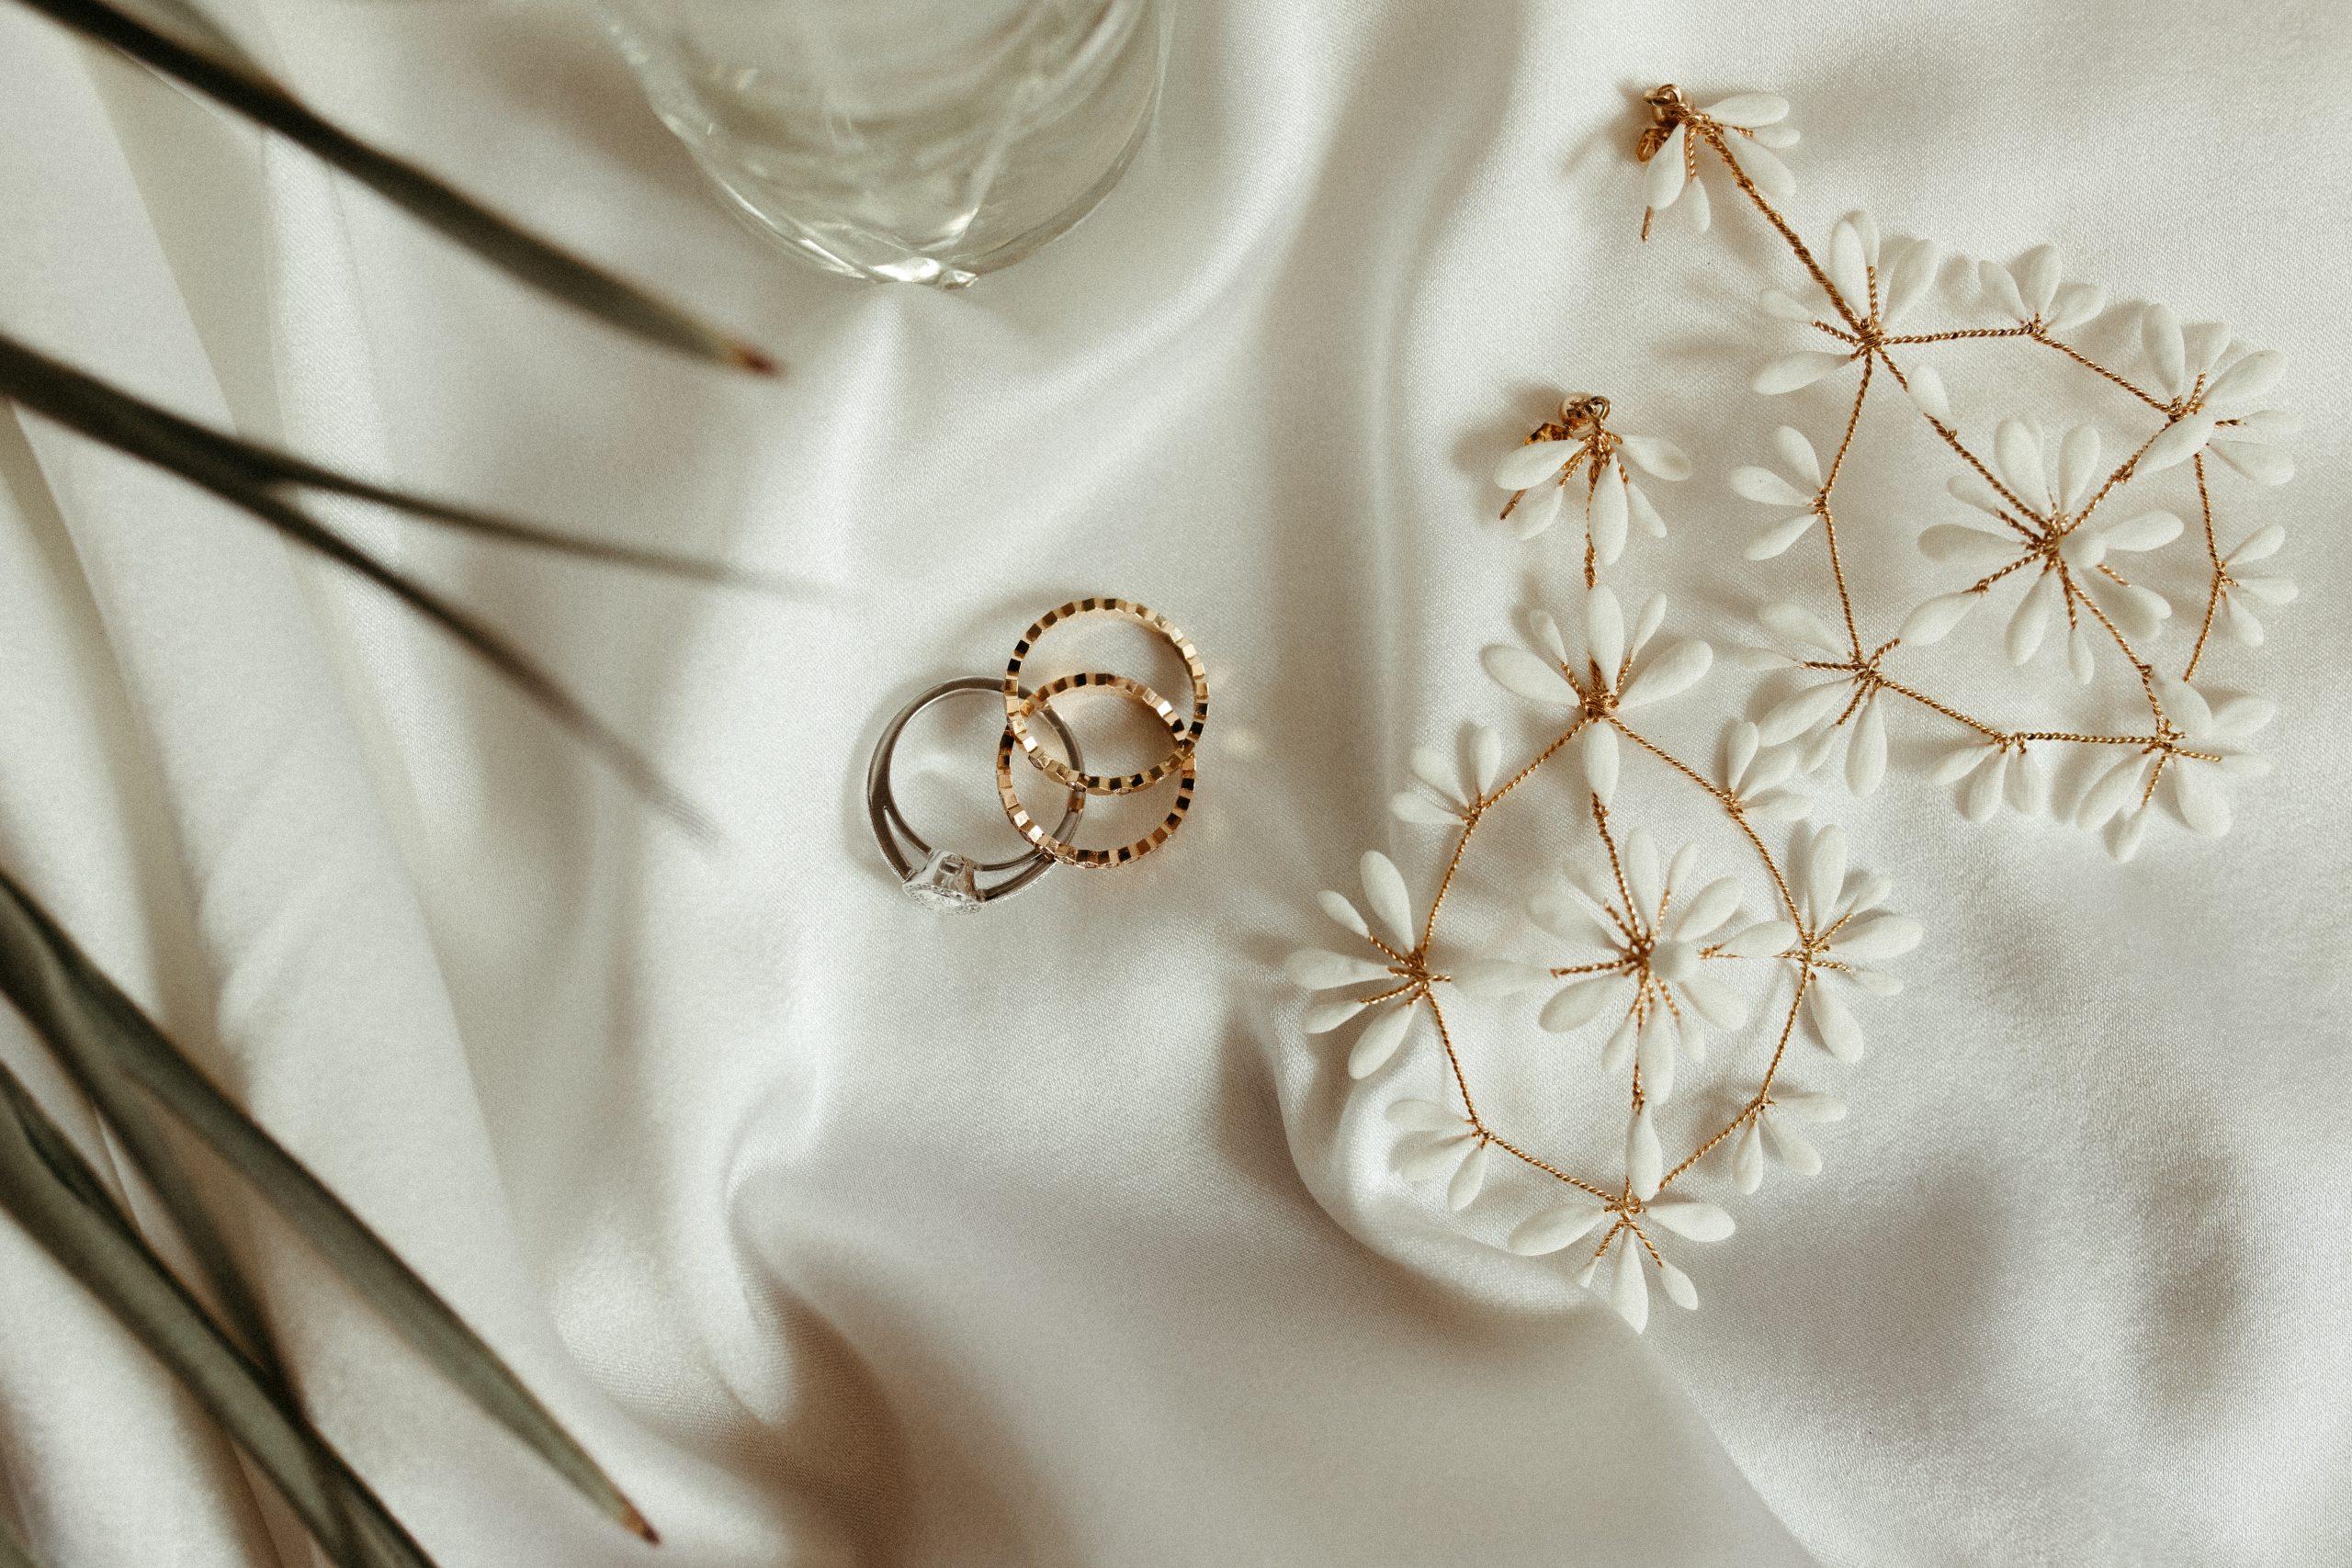 UTOPICLOVERS20200702 – EDITO Jérémie Sésanne Lajarveniere 6903 scaled - Un mariage élégant et végétal dans le Beaujolais